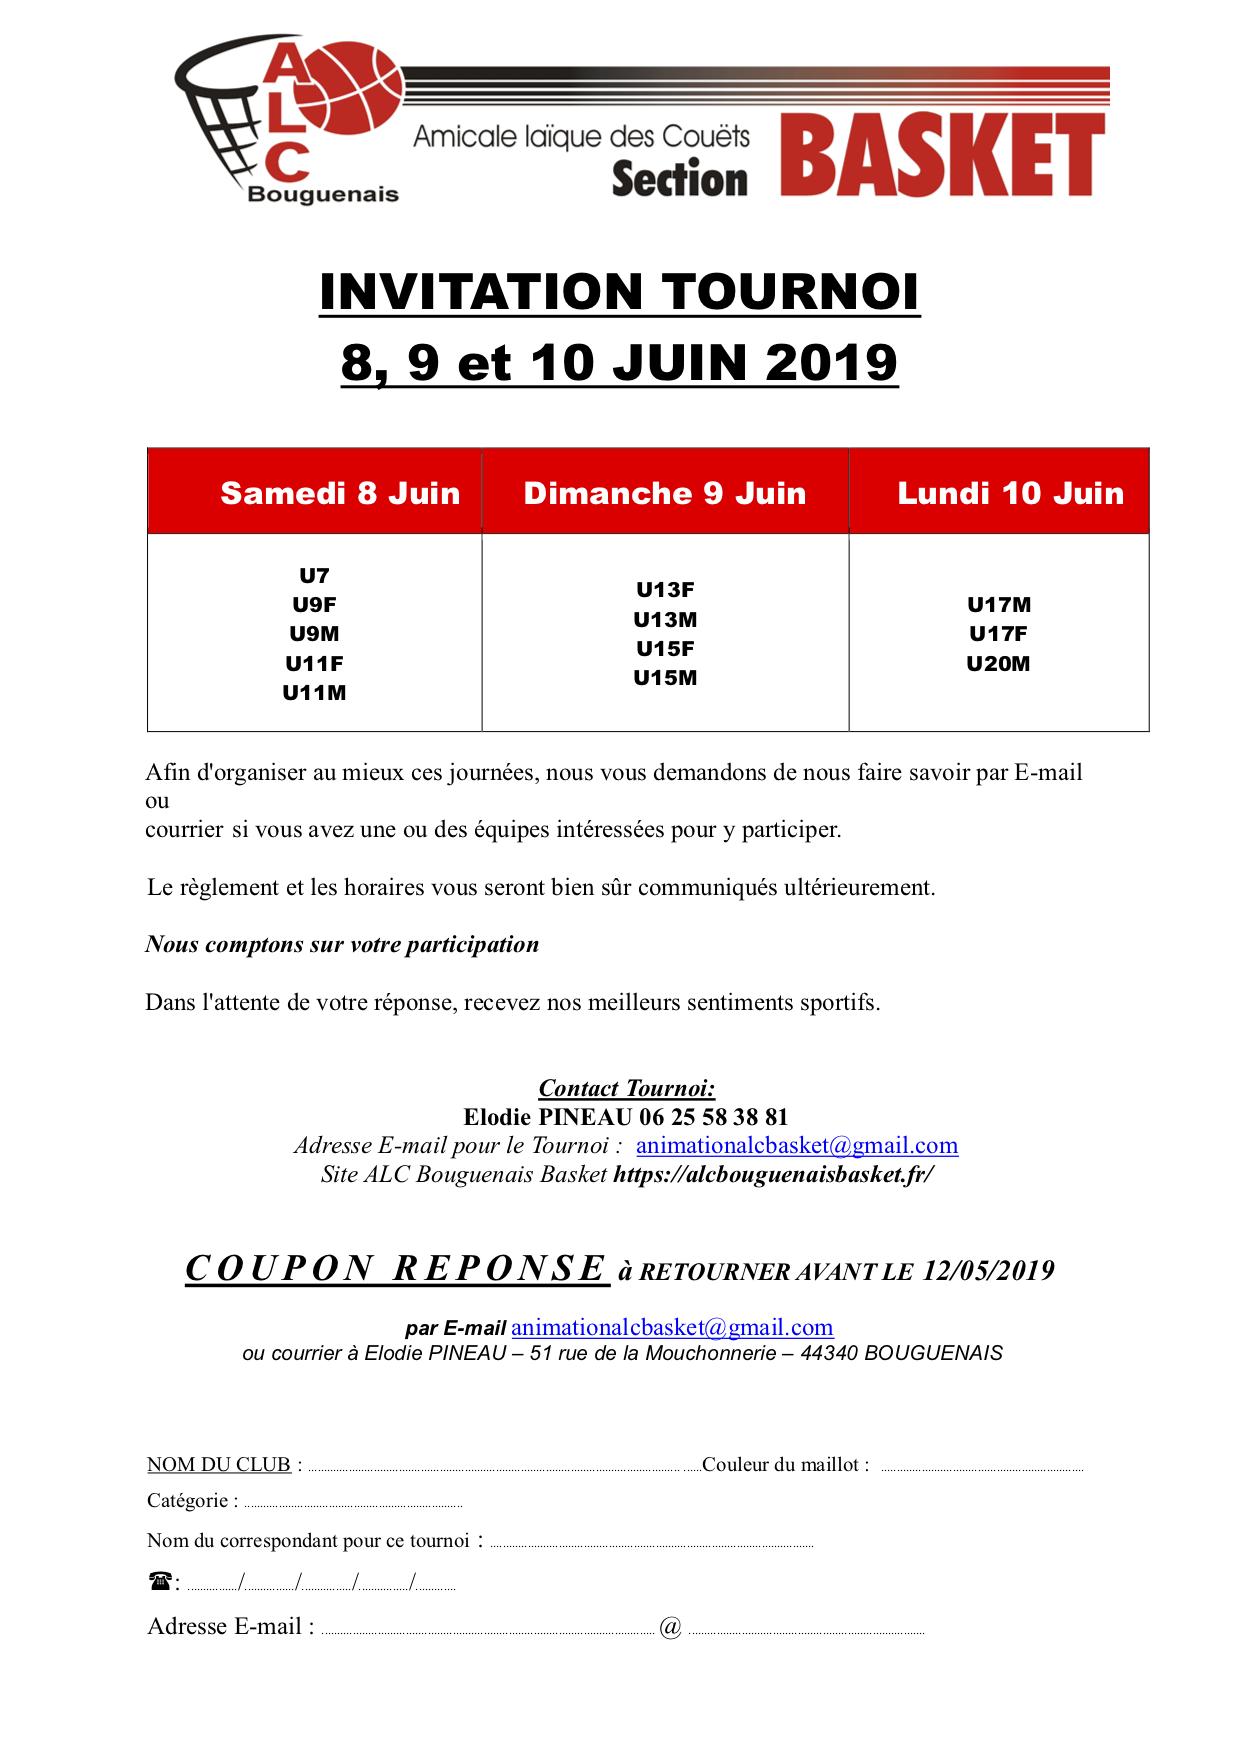 Invitation tournoi 2019